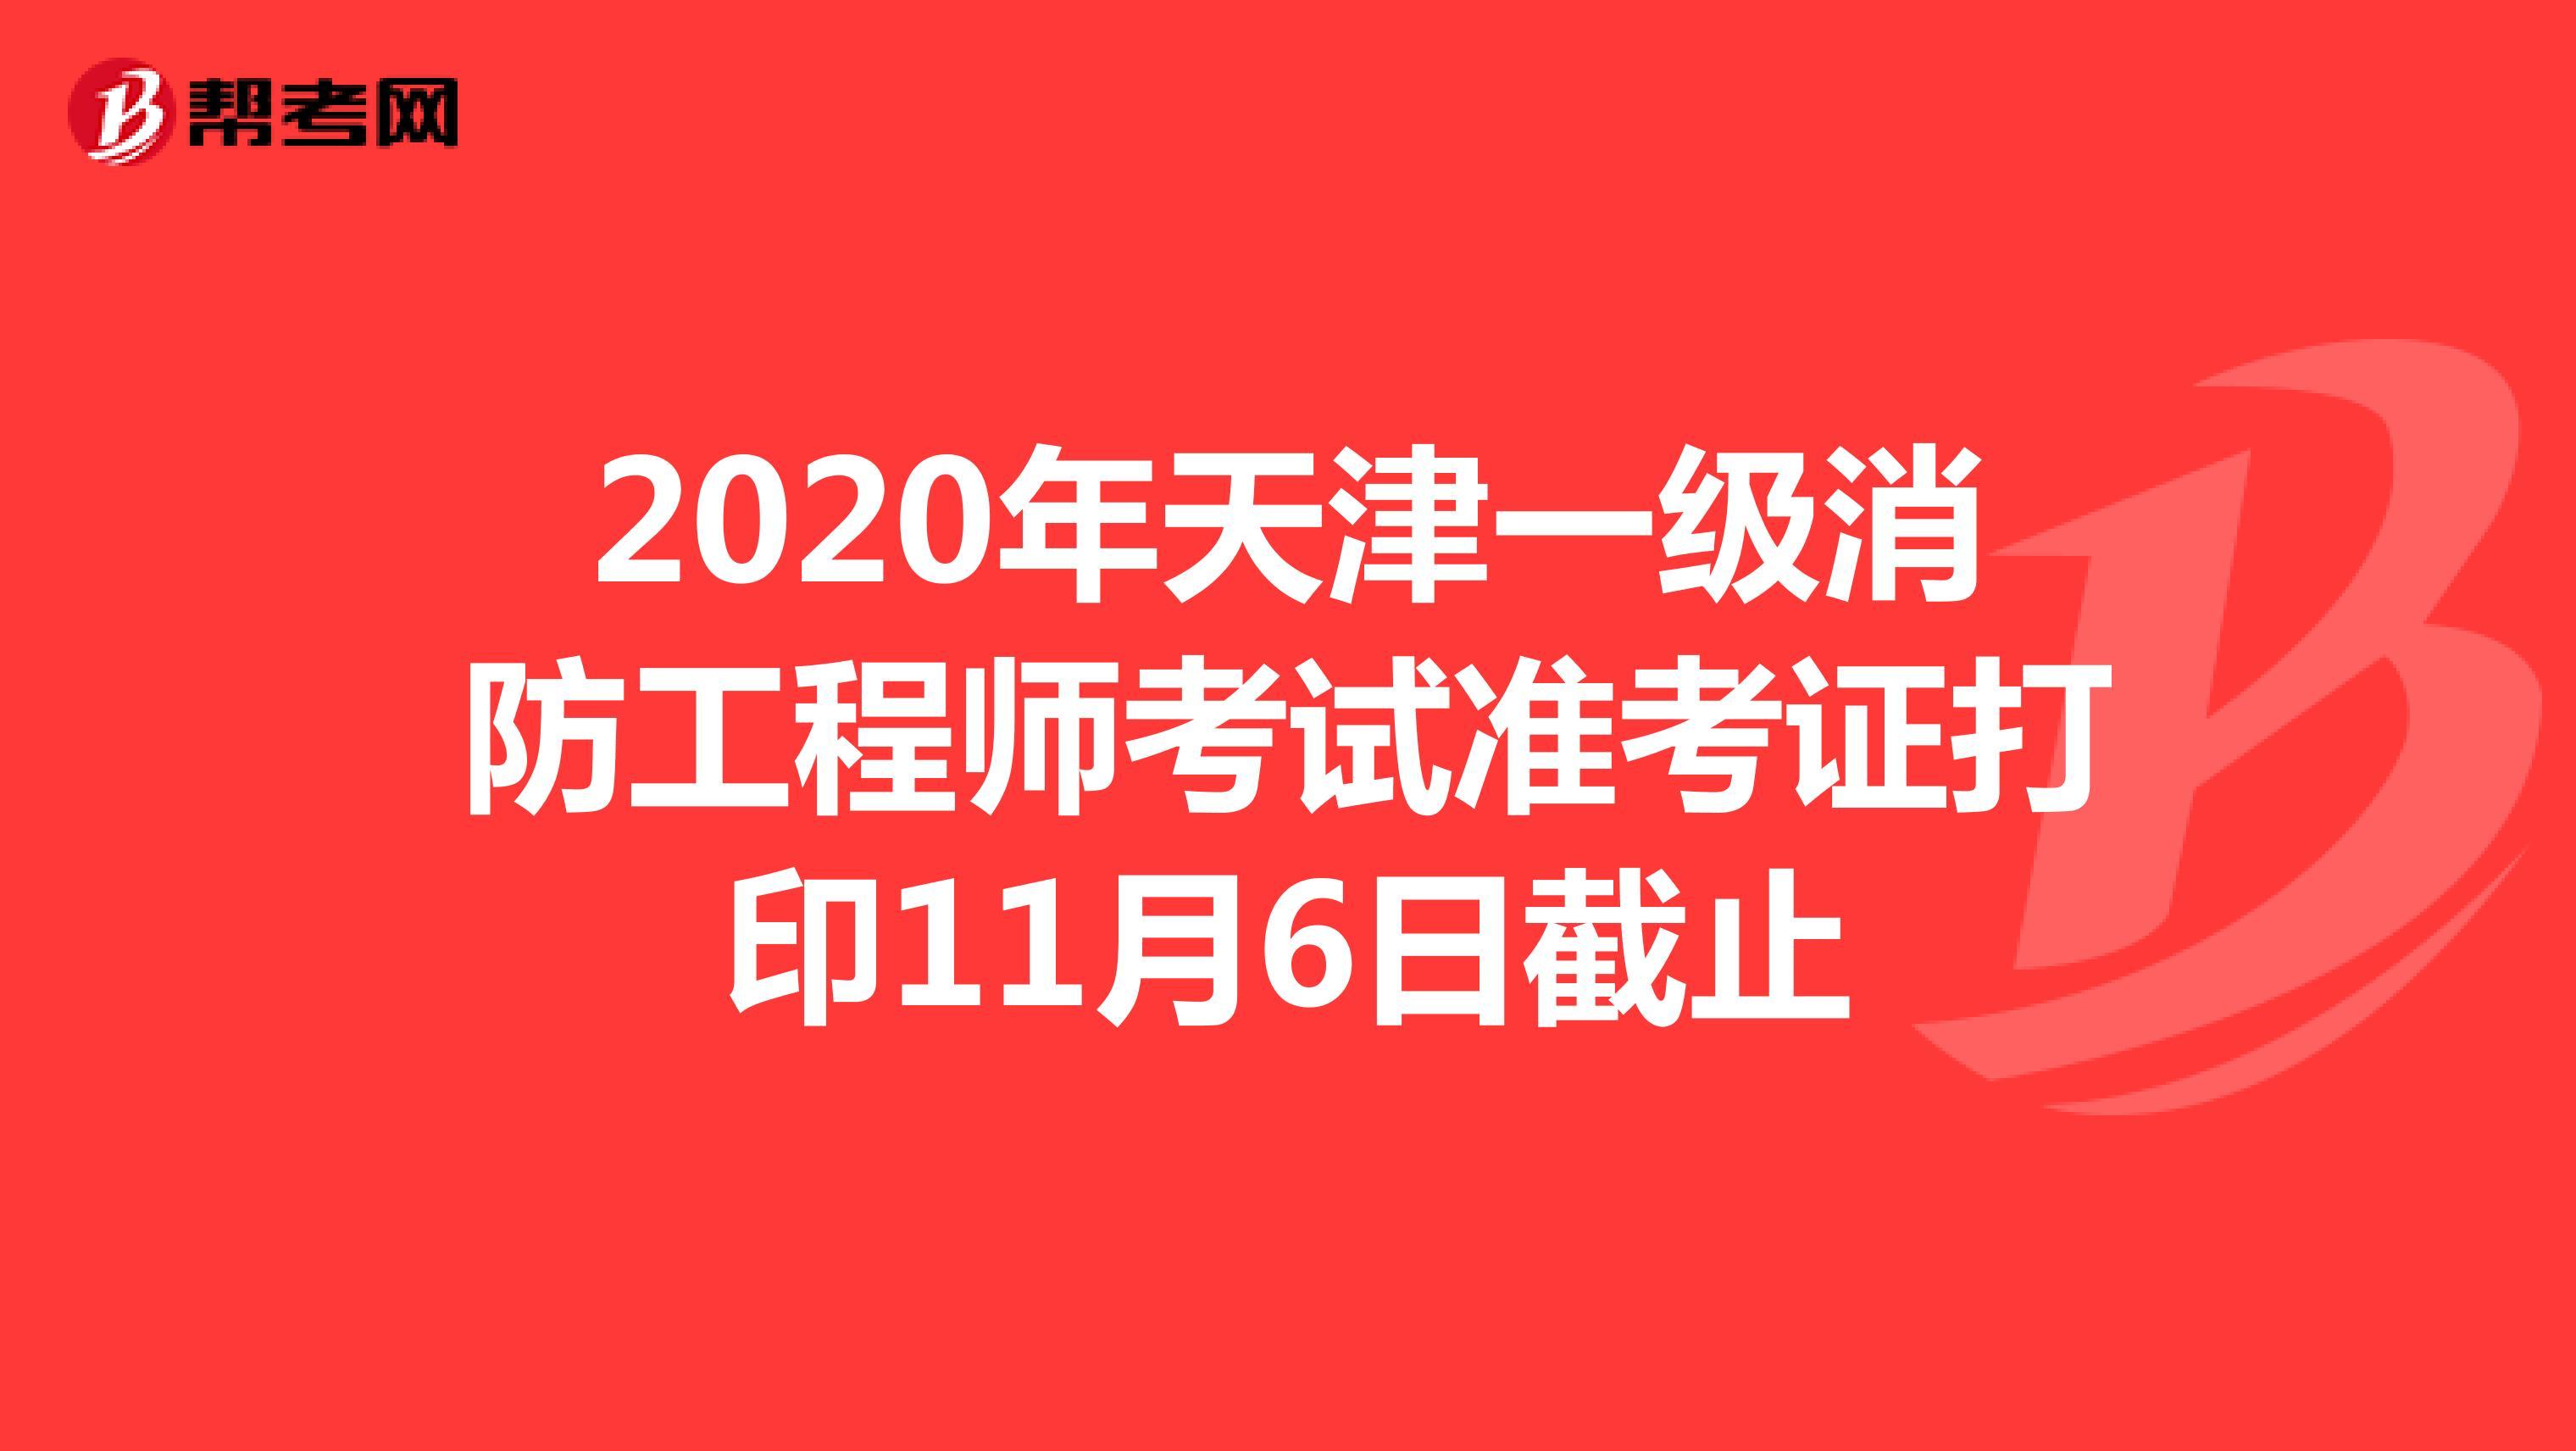 2020年天津一级消防工程师考试准考证打印11月6日截止